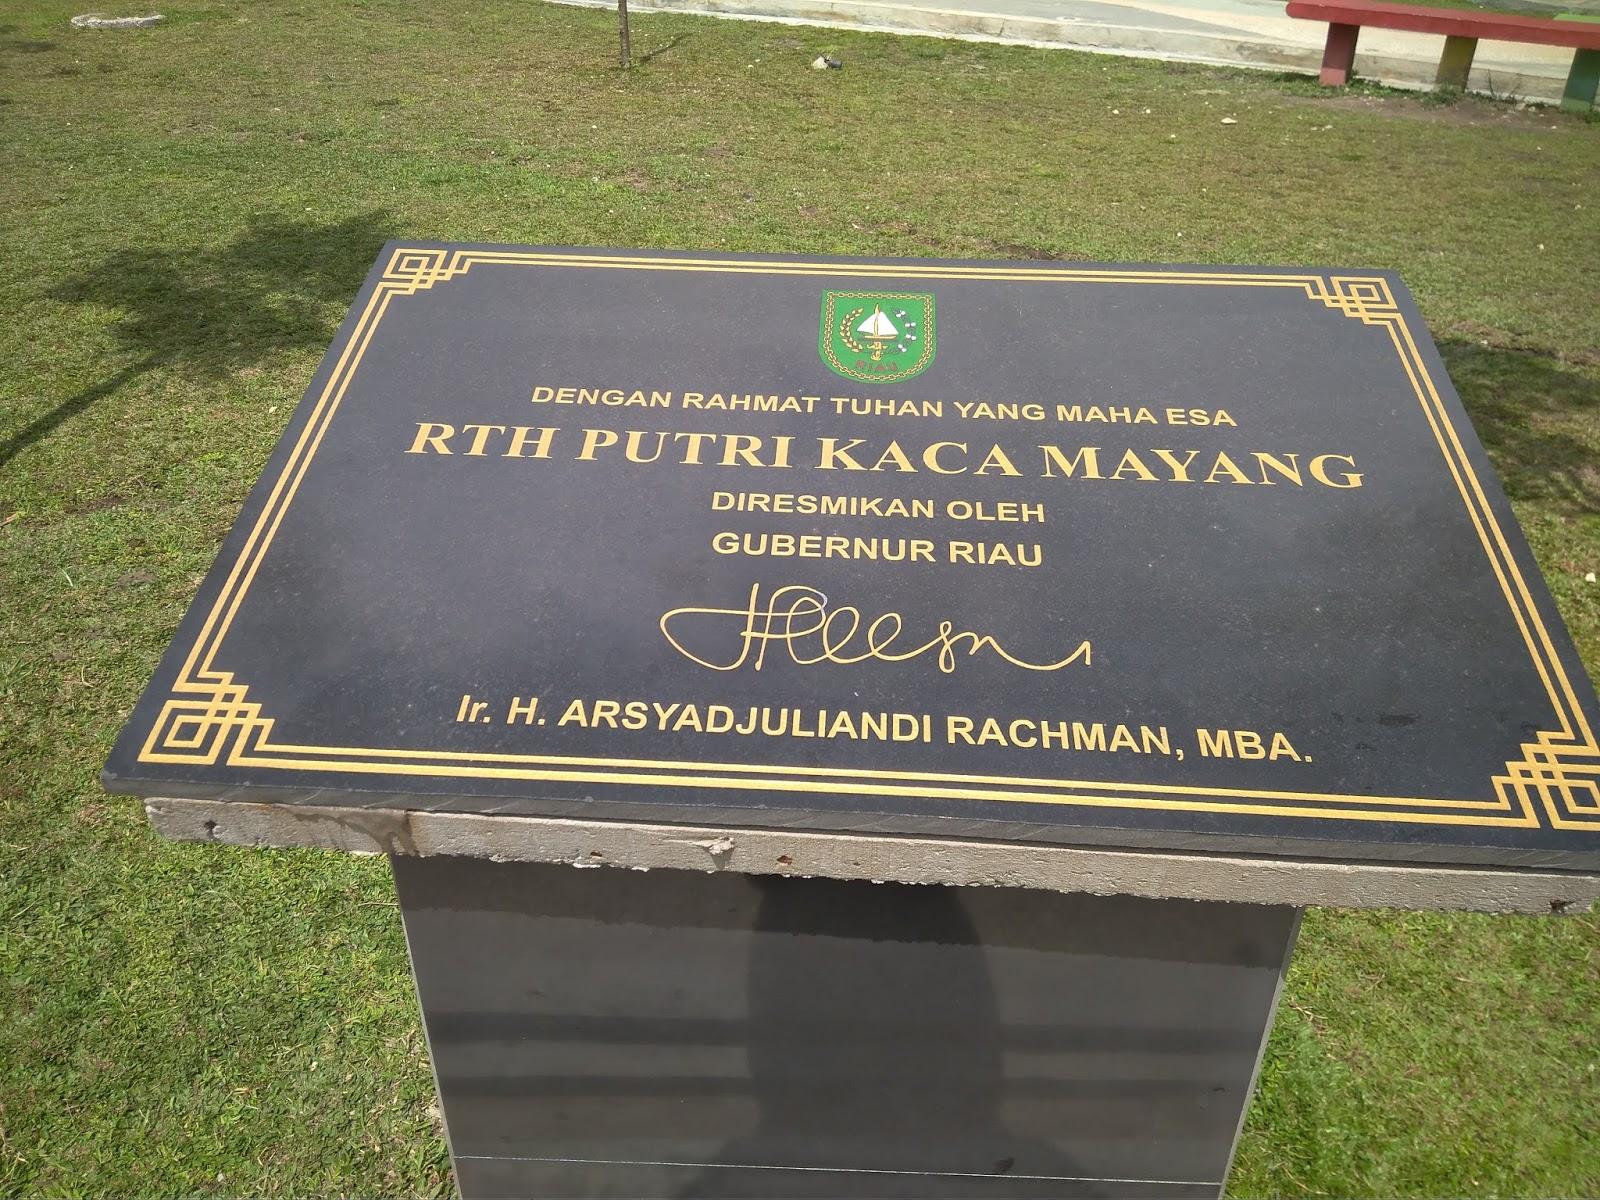 Nuansa Indah Taman Rth Putri Kaca Mayang Sudirman Pekanbaru Seakan